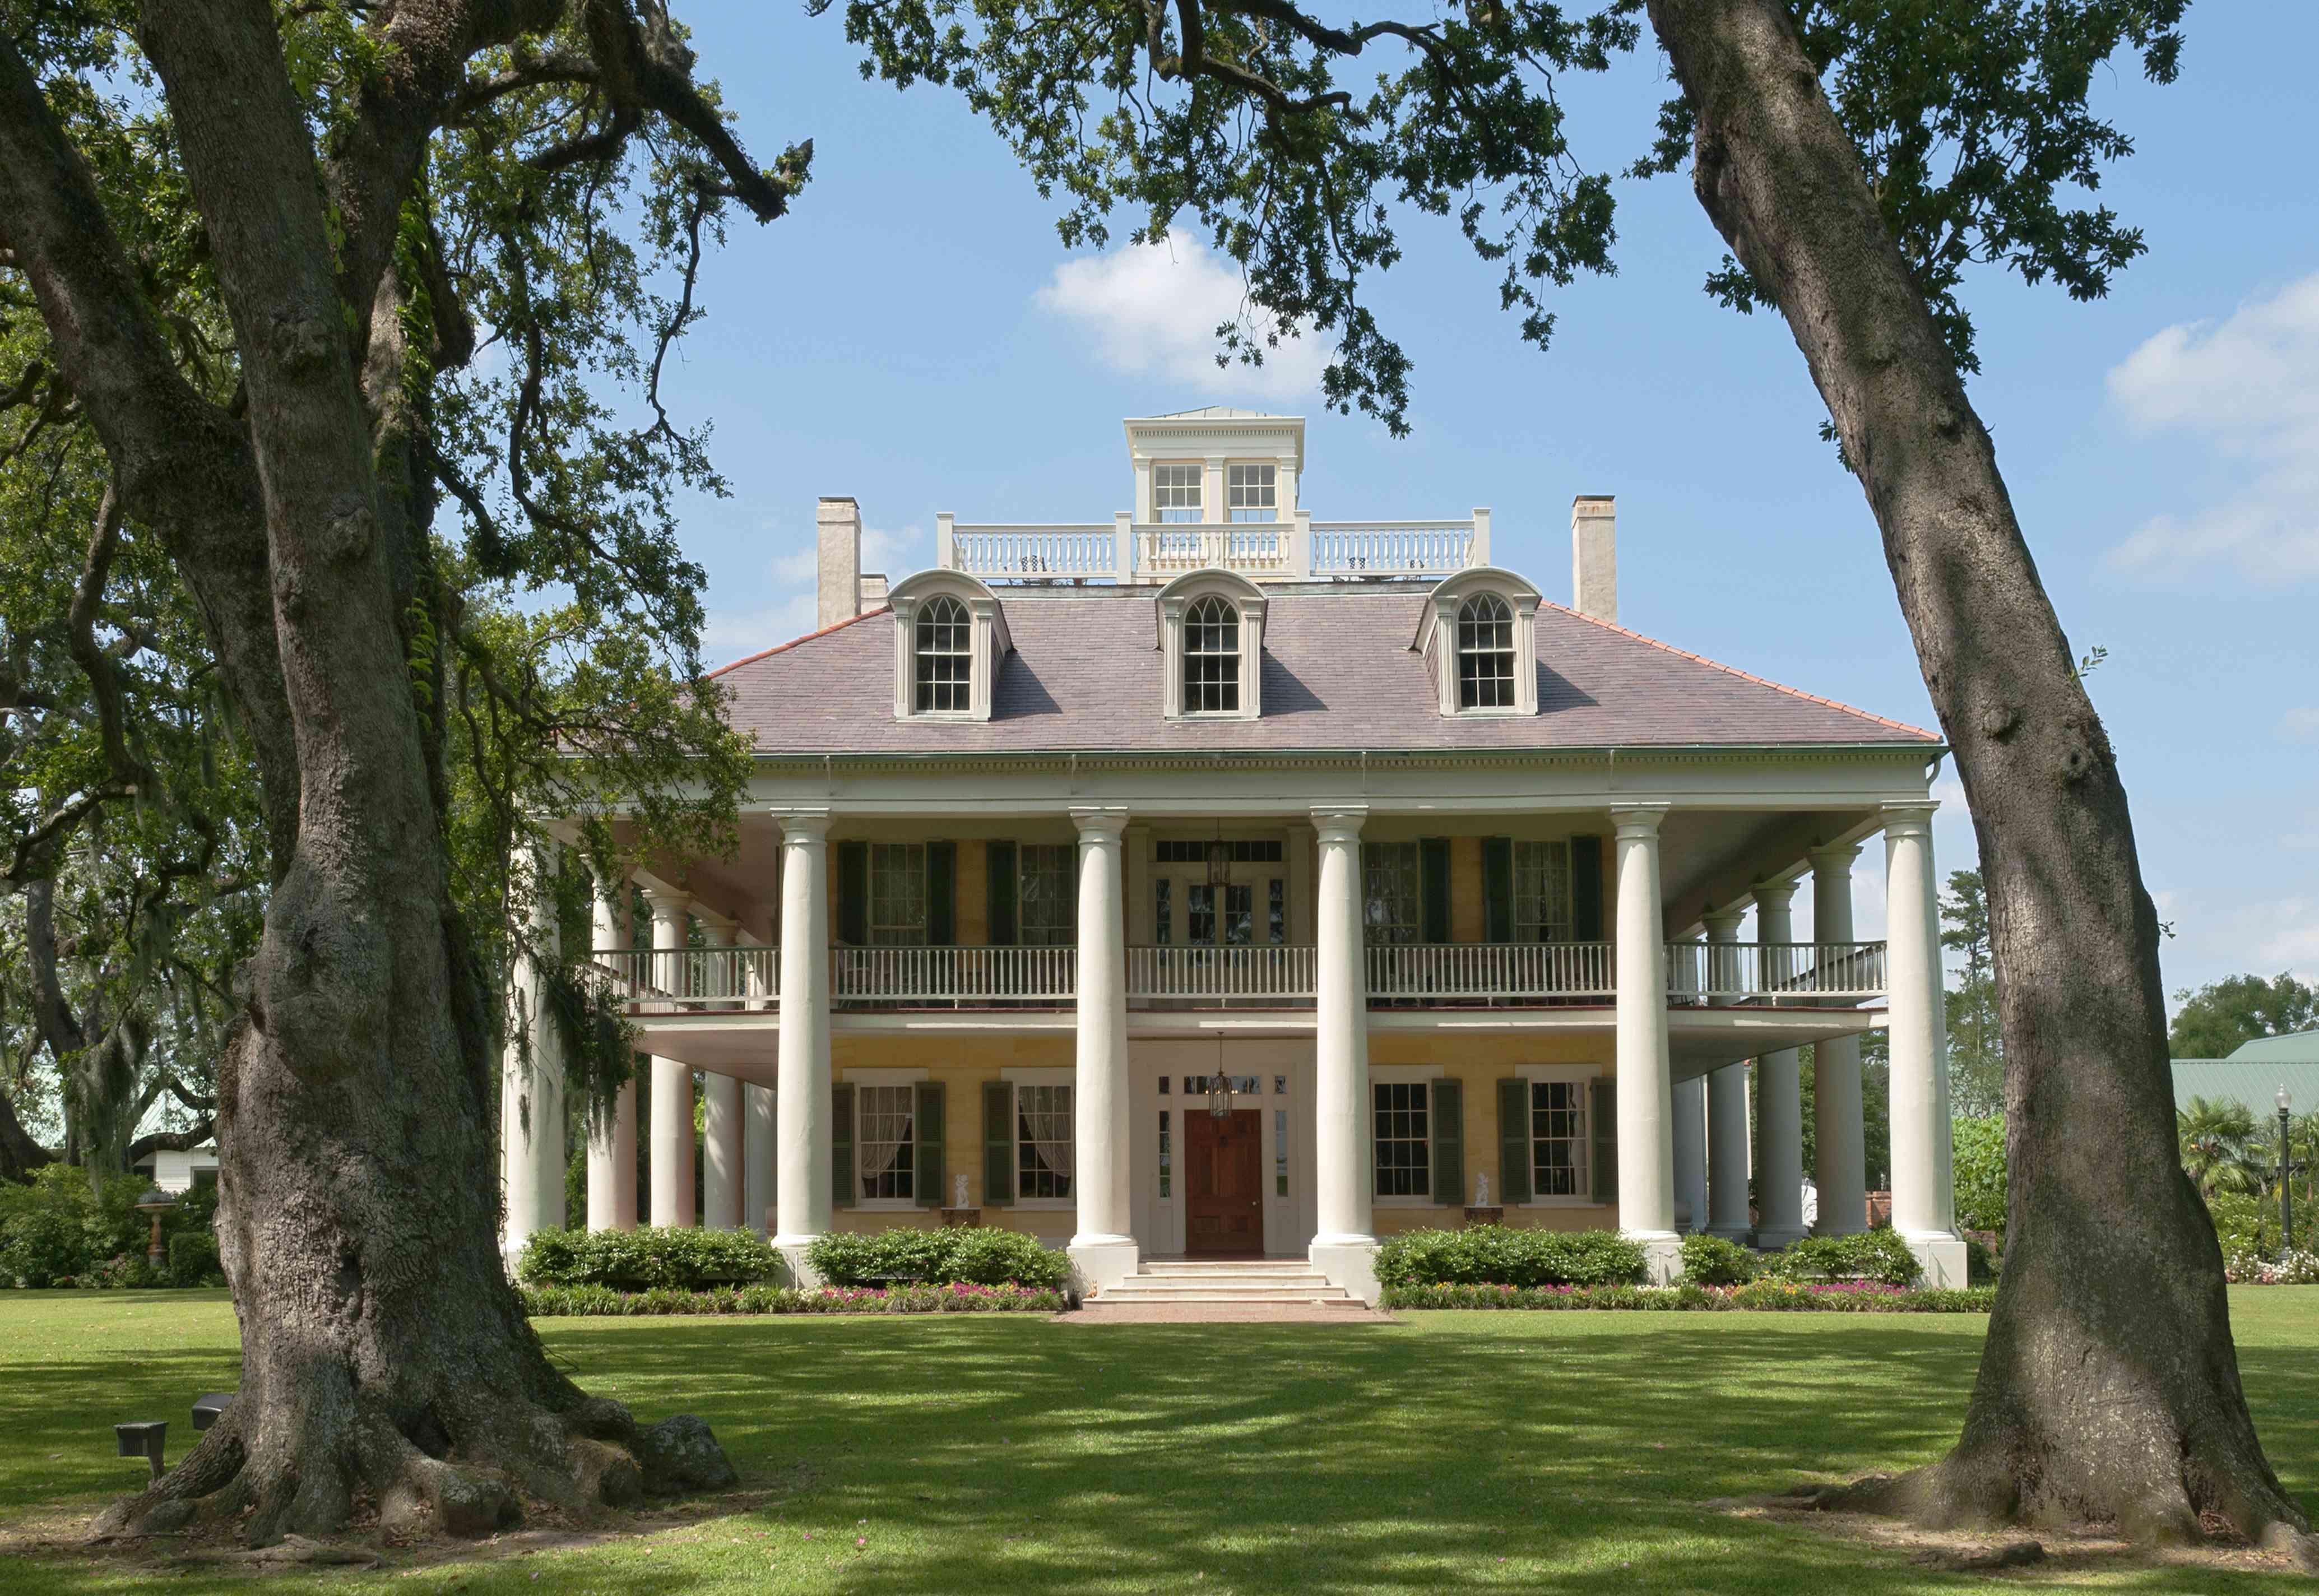 Greek Revival Mansion at Houmas House Plantation and Gardens